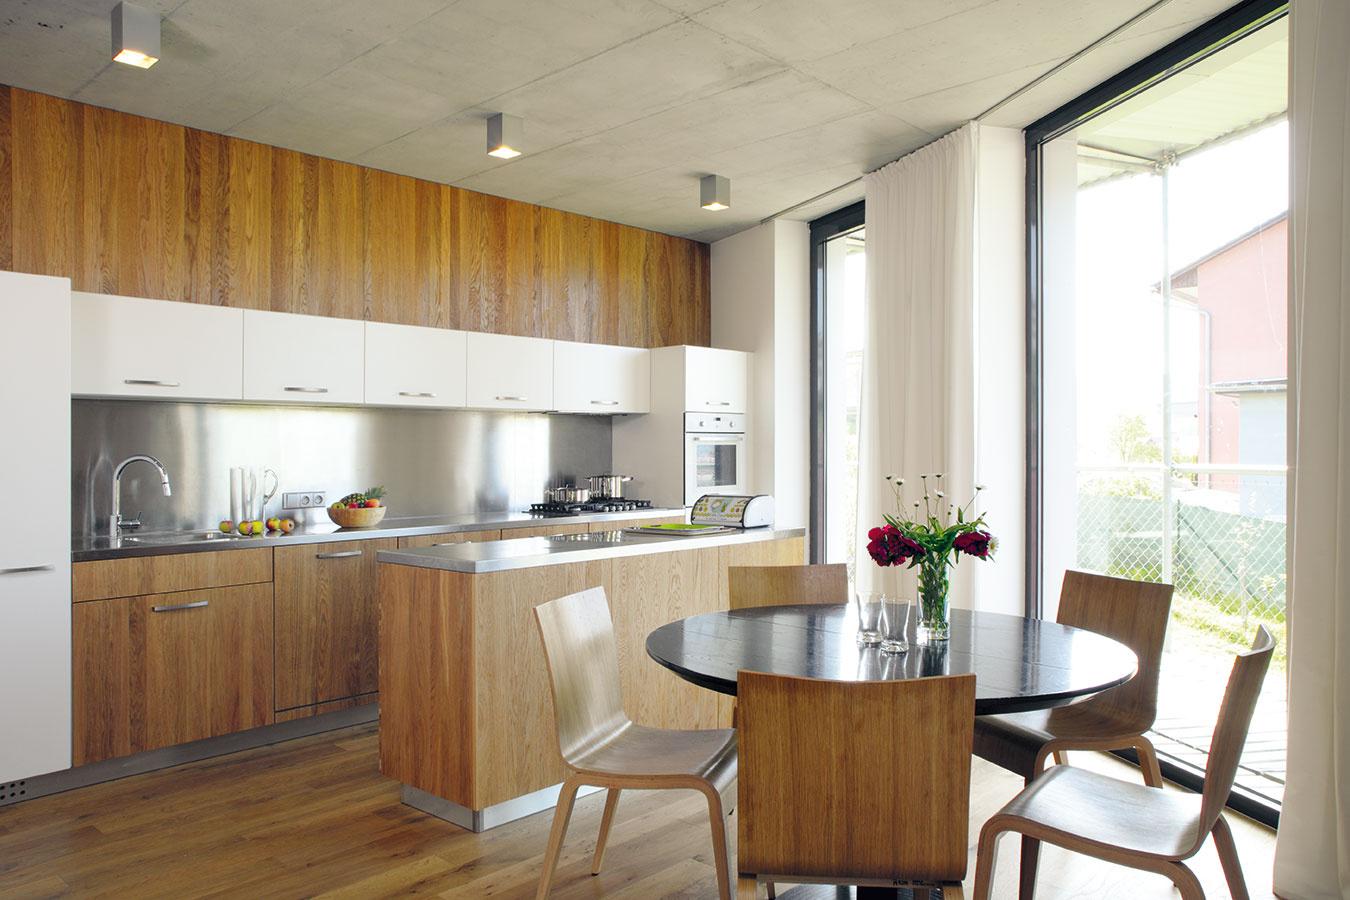 """Kuchyňa je dôvod, pre ktorý nakoniec majitelia oslovili rovnakých architektov aj pri vytváraní interiéru. """"Chodili sme po rôznych dizajnéroch a kuchynských štúdiách, ale nič nás nezaujalo, a tak sme sa opäť vrátili k OK Plan,"""" hovorí on."""